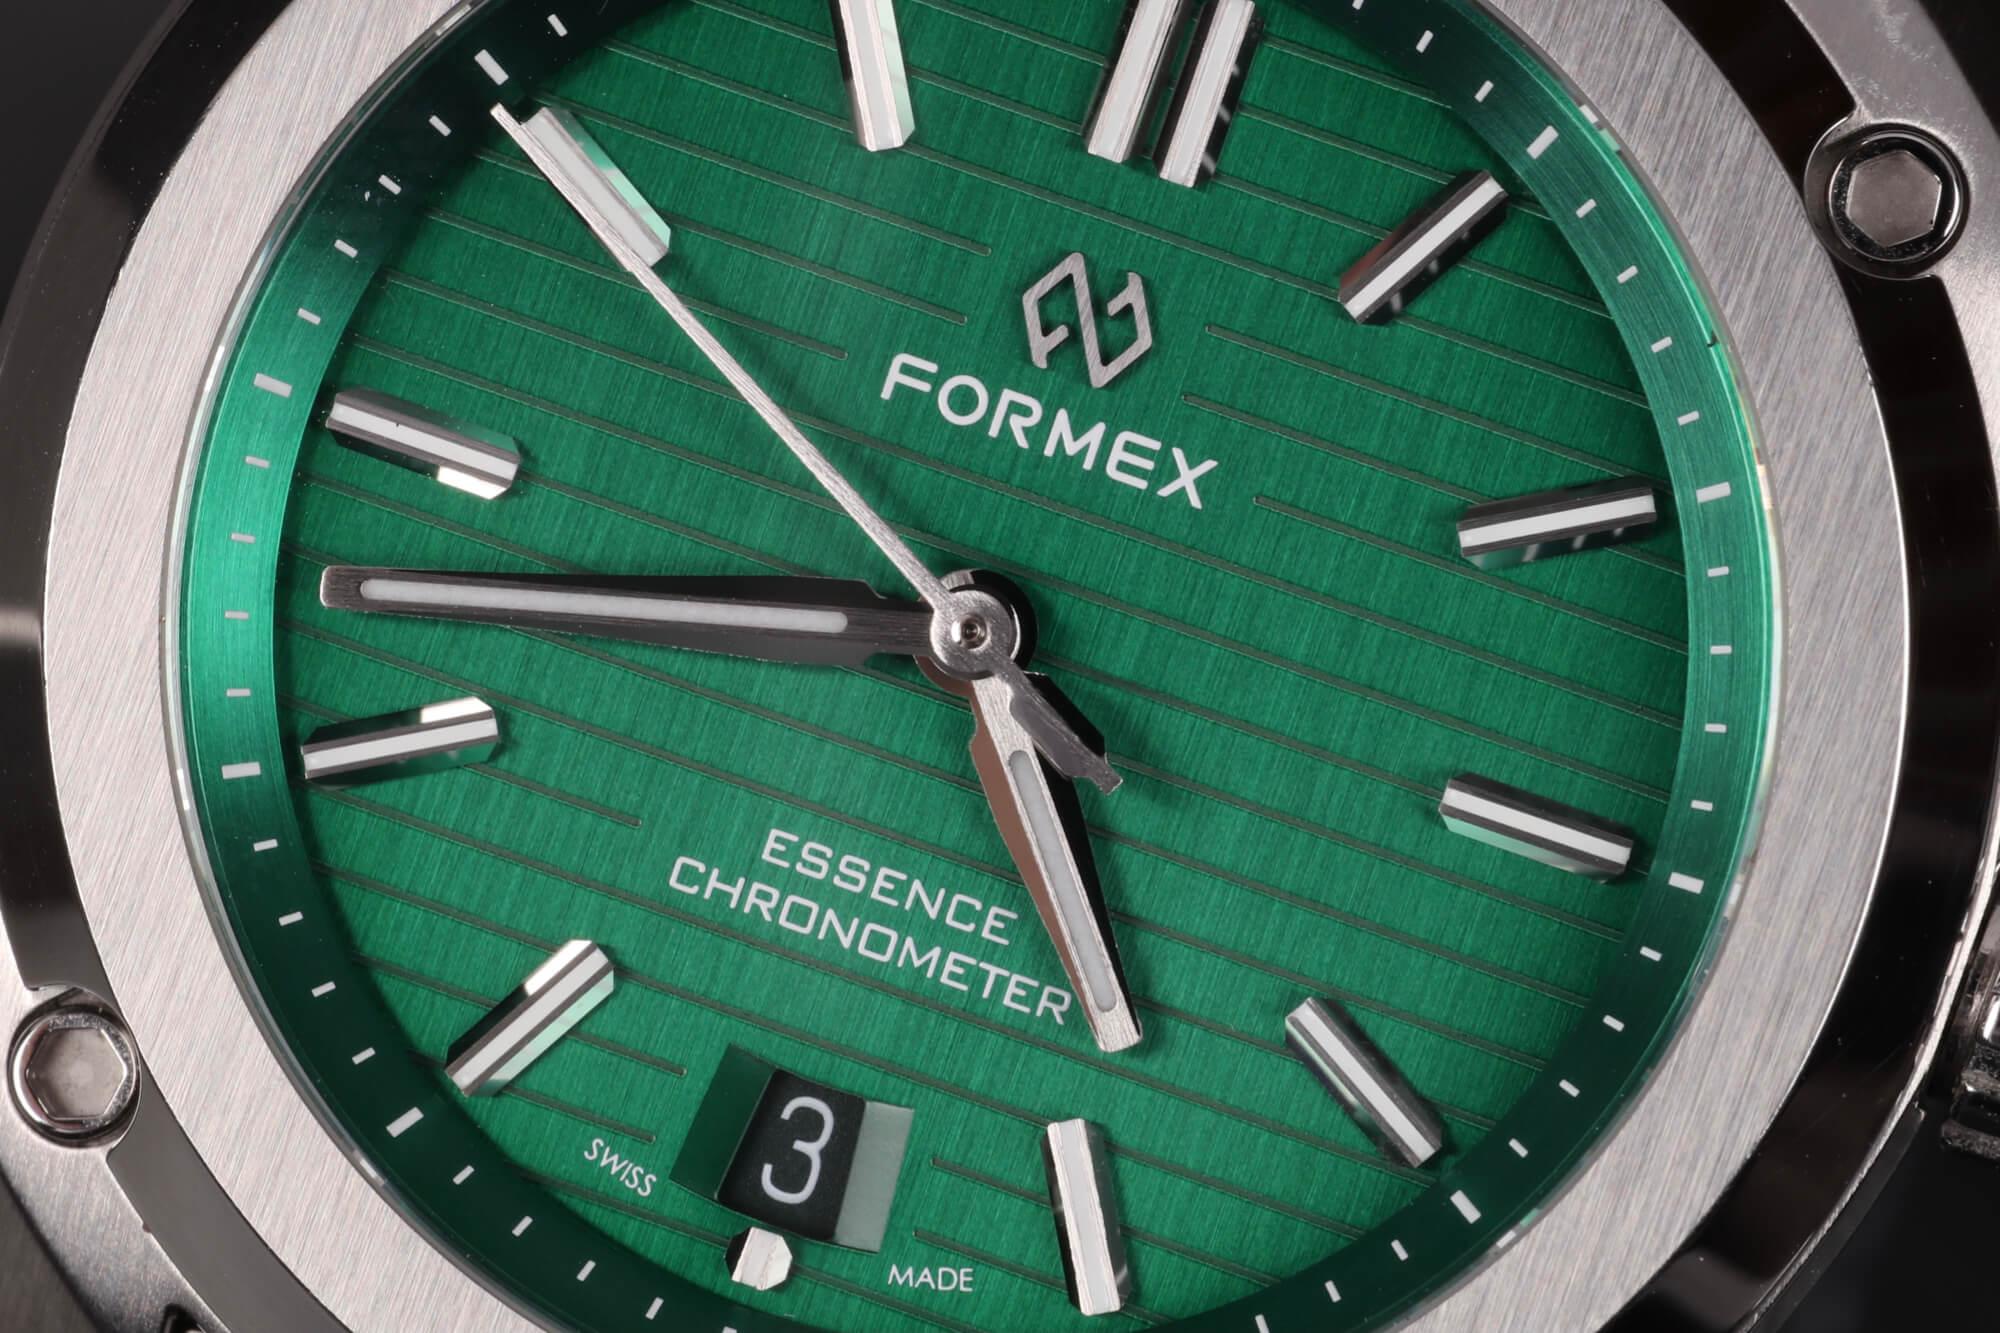 Formex-Essence-5